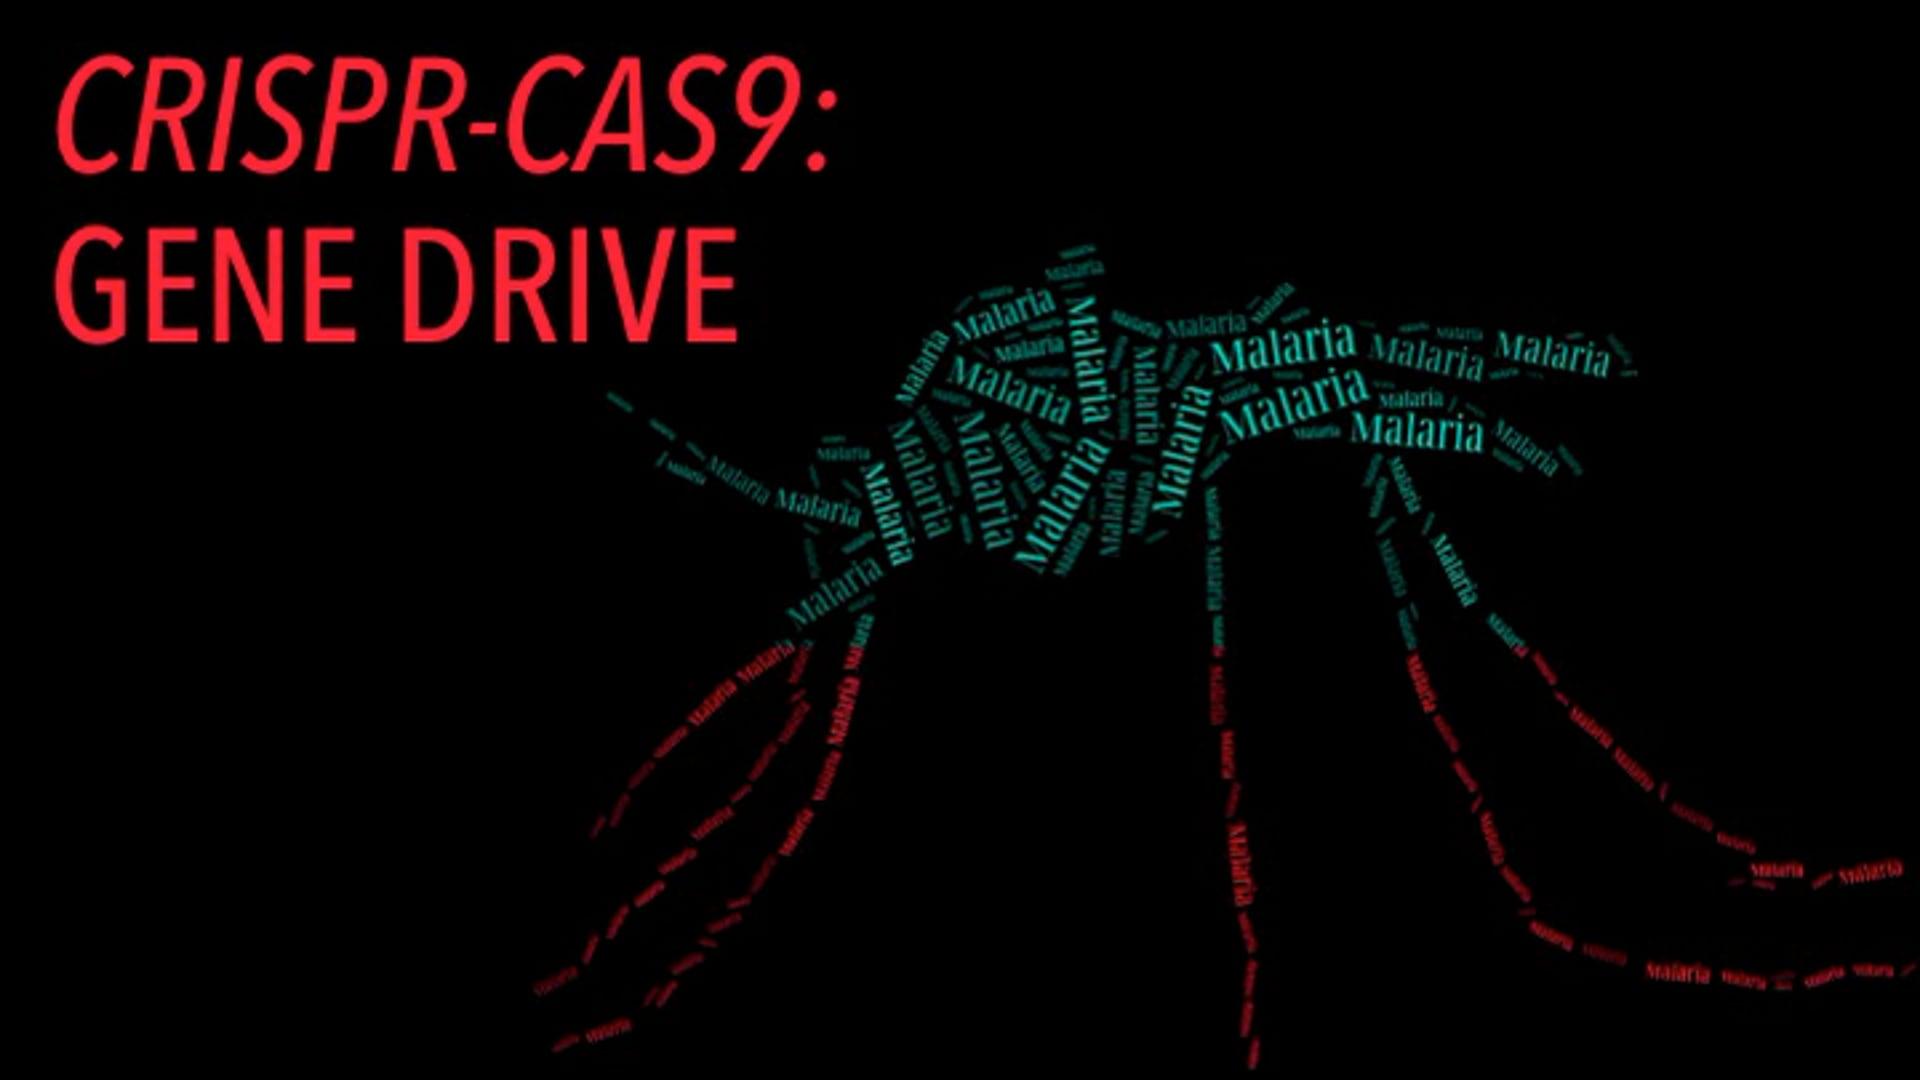 CRISPR-Cas9: Gene Drives